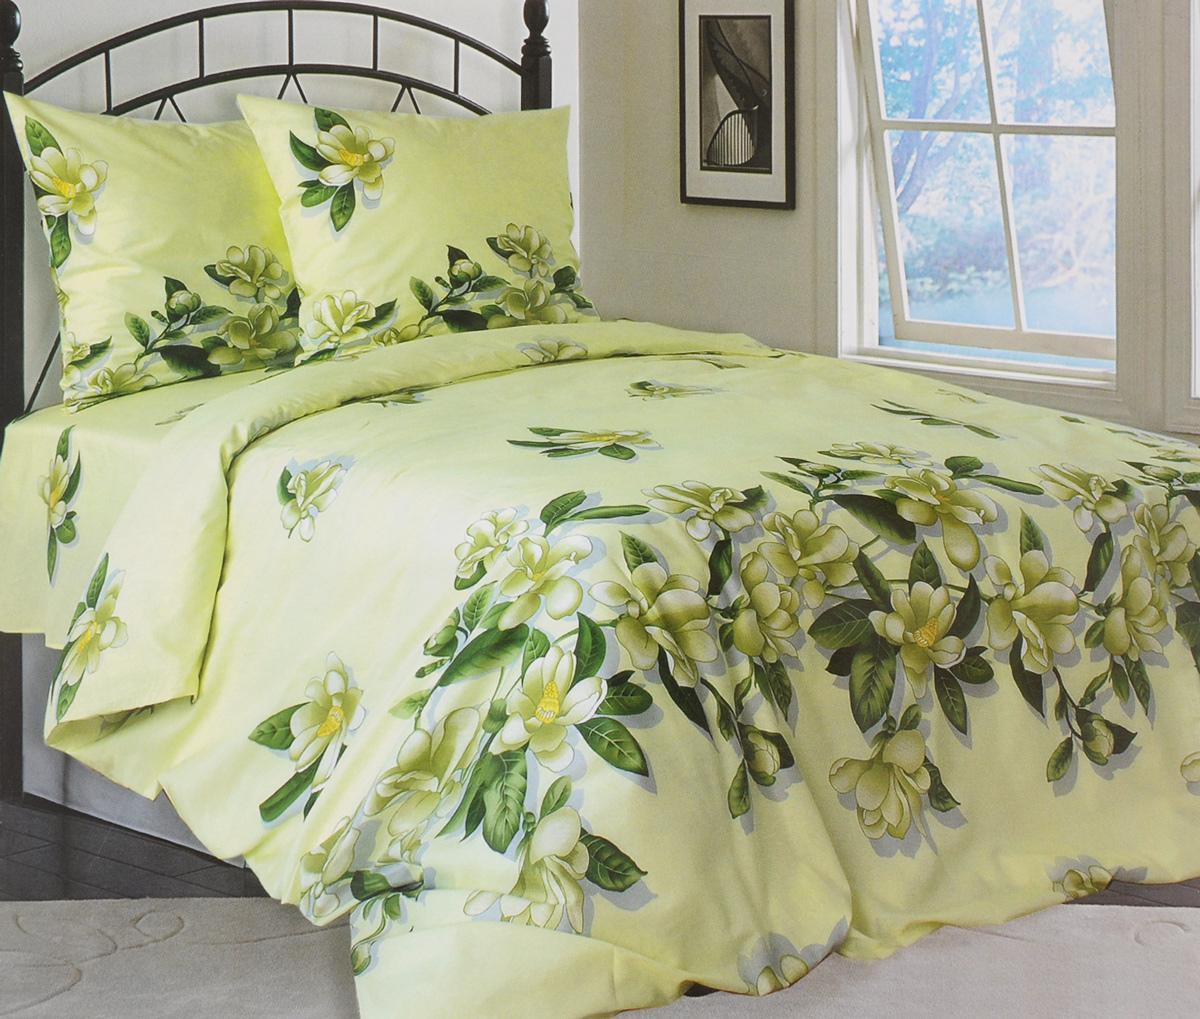 Комплект белья Катюша Юнона, 2-спальный, наволочки 70х70, цвет: зеленый, серый, желтыйC-115/4553Роскошный комплект белья Катюша Юнона, выполненный из бязи (100% натурального хлопка), состоит из пододеяльника, простыни и двух наволочек. Постельное белье оформлено изображением цветов и имеет изысканный внешний вид. Бязь - это ткань полотняного переплетения, изготовленная из экологически чистого и натурального 100% хлопка. Она приятная на ощупь, при этом очень прочная, хорошо сохраняет форму и легко гладится. Ткань прекрасно пропускает воздух и за ней легко ухаживать. Приобретая комплект постельного белья Катюша Юнона, вы можете быть уверенны в том, что покупка доставит вам и вашим близким удовольствие и подарит максимальный комфорт.